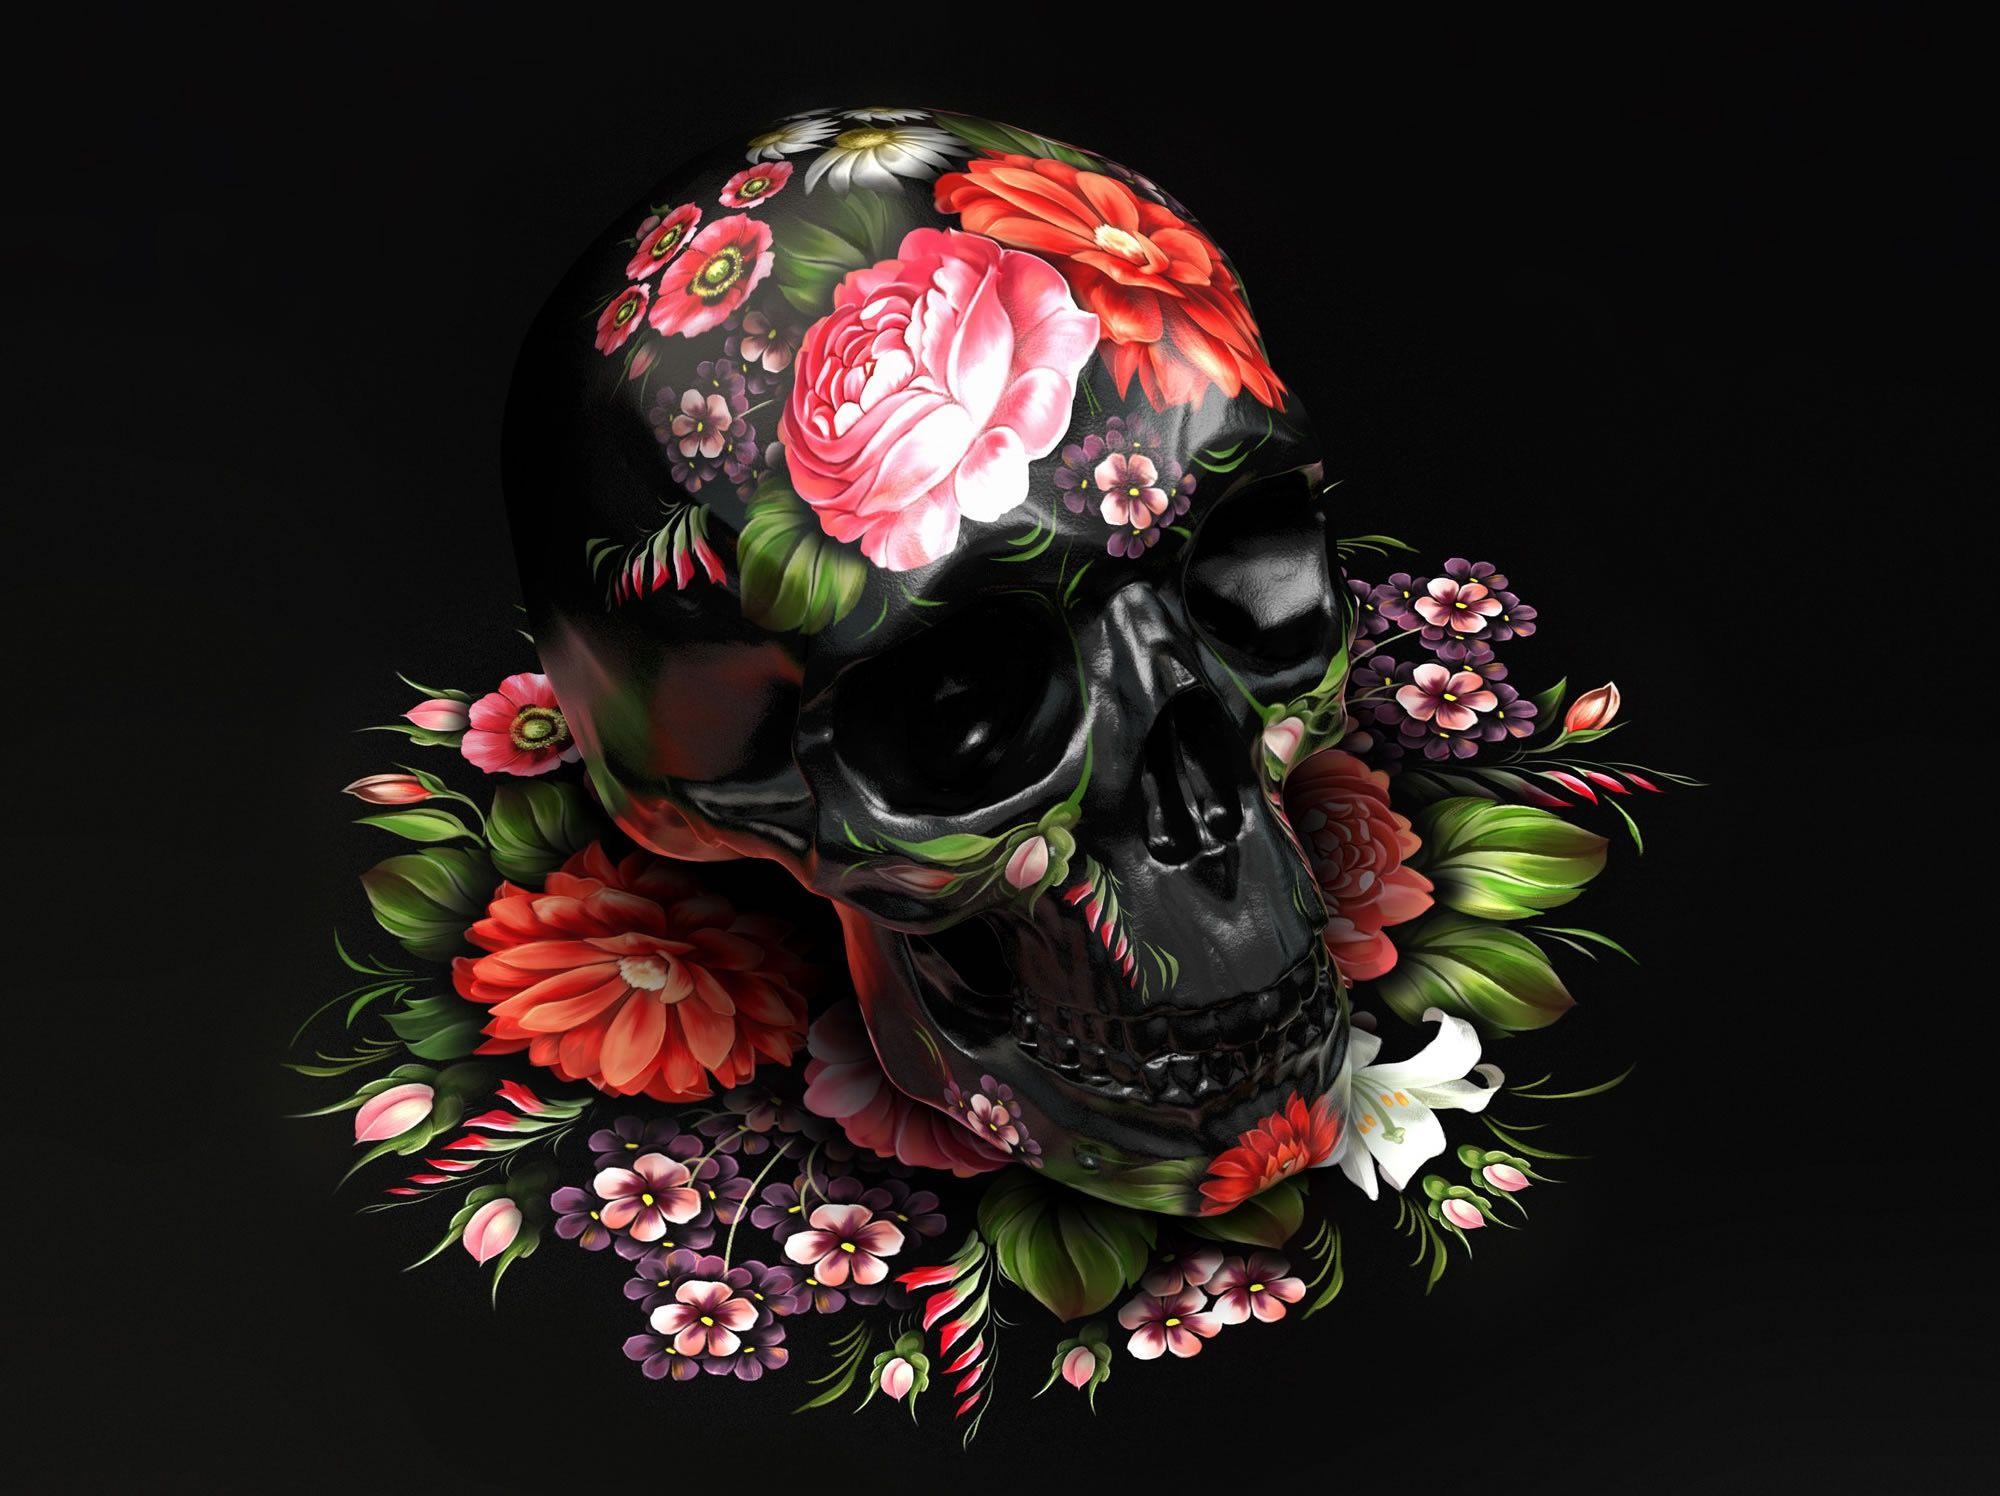 фотографии череп с цветами